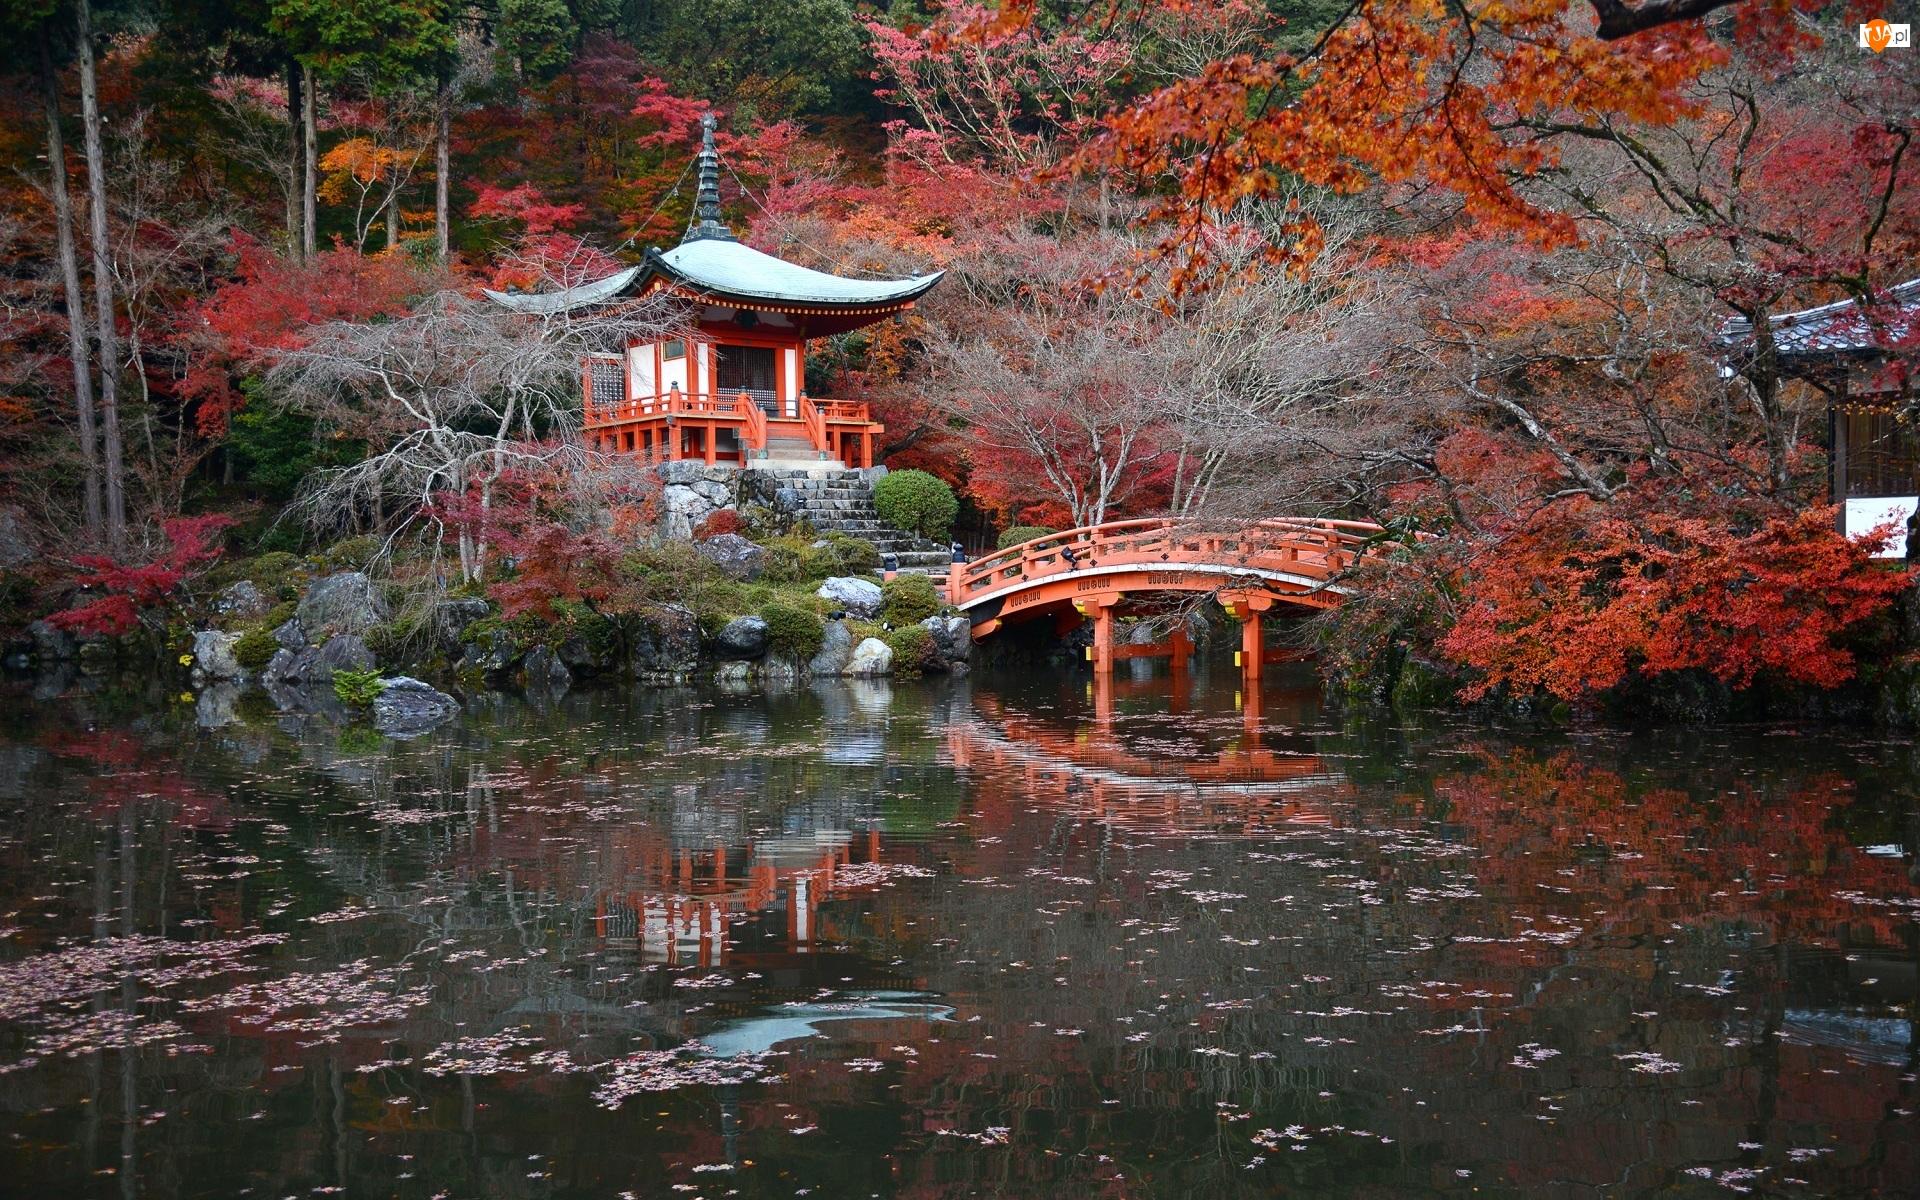 Drzewa, Kompleks świątynny Daigo-ji, Staw, Kioto, Świątynia Benten-do, Jesień, Japonia, Mostek